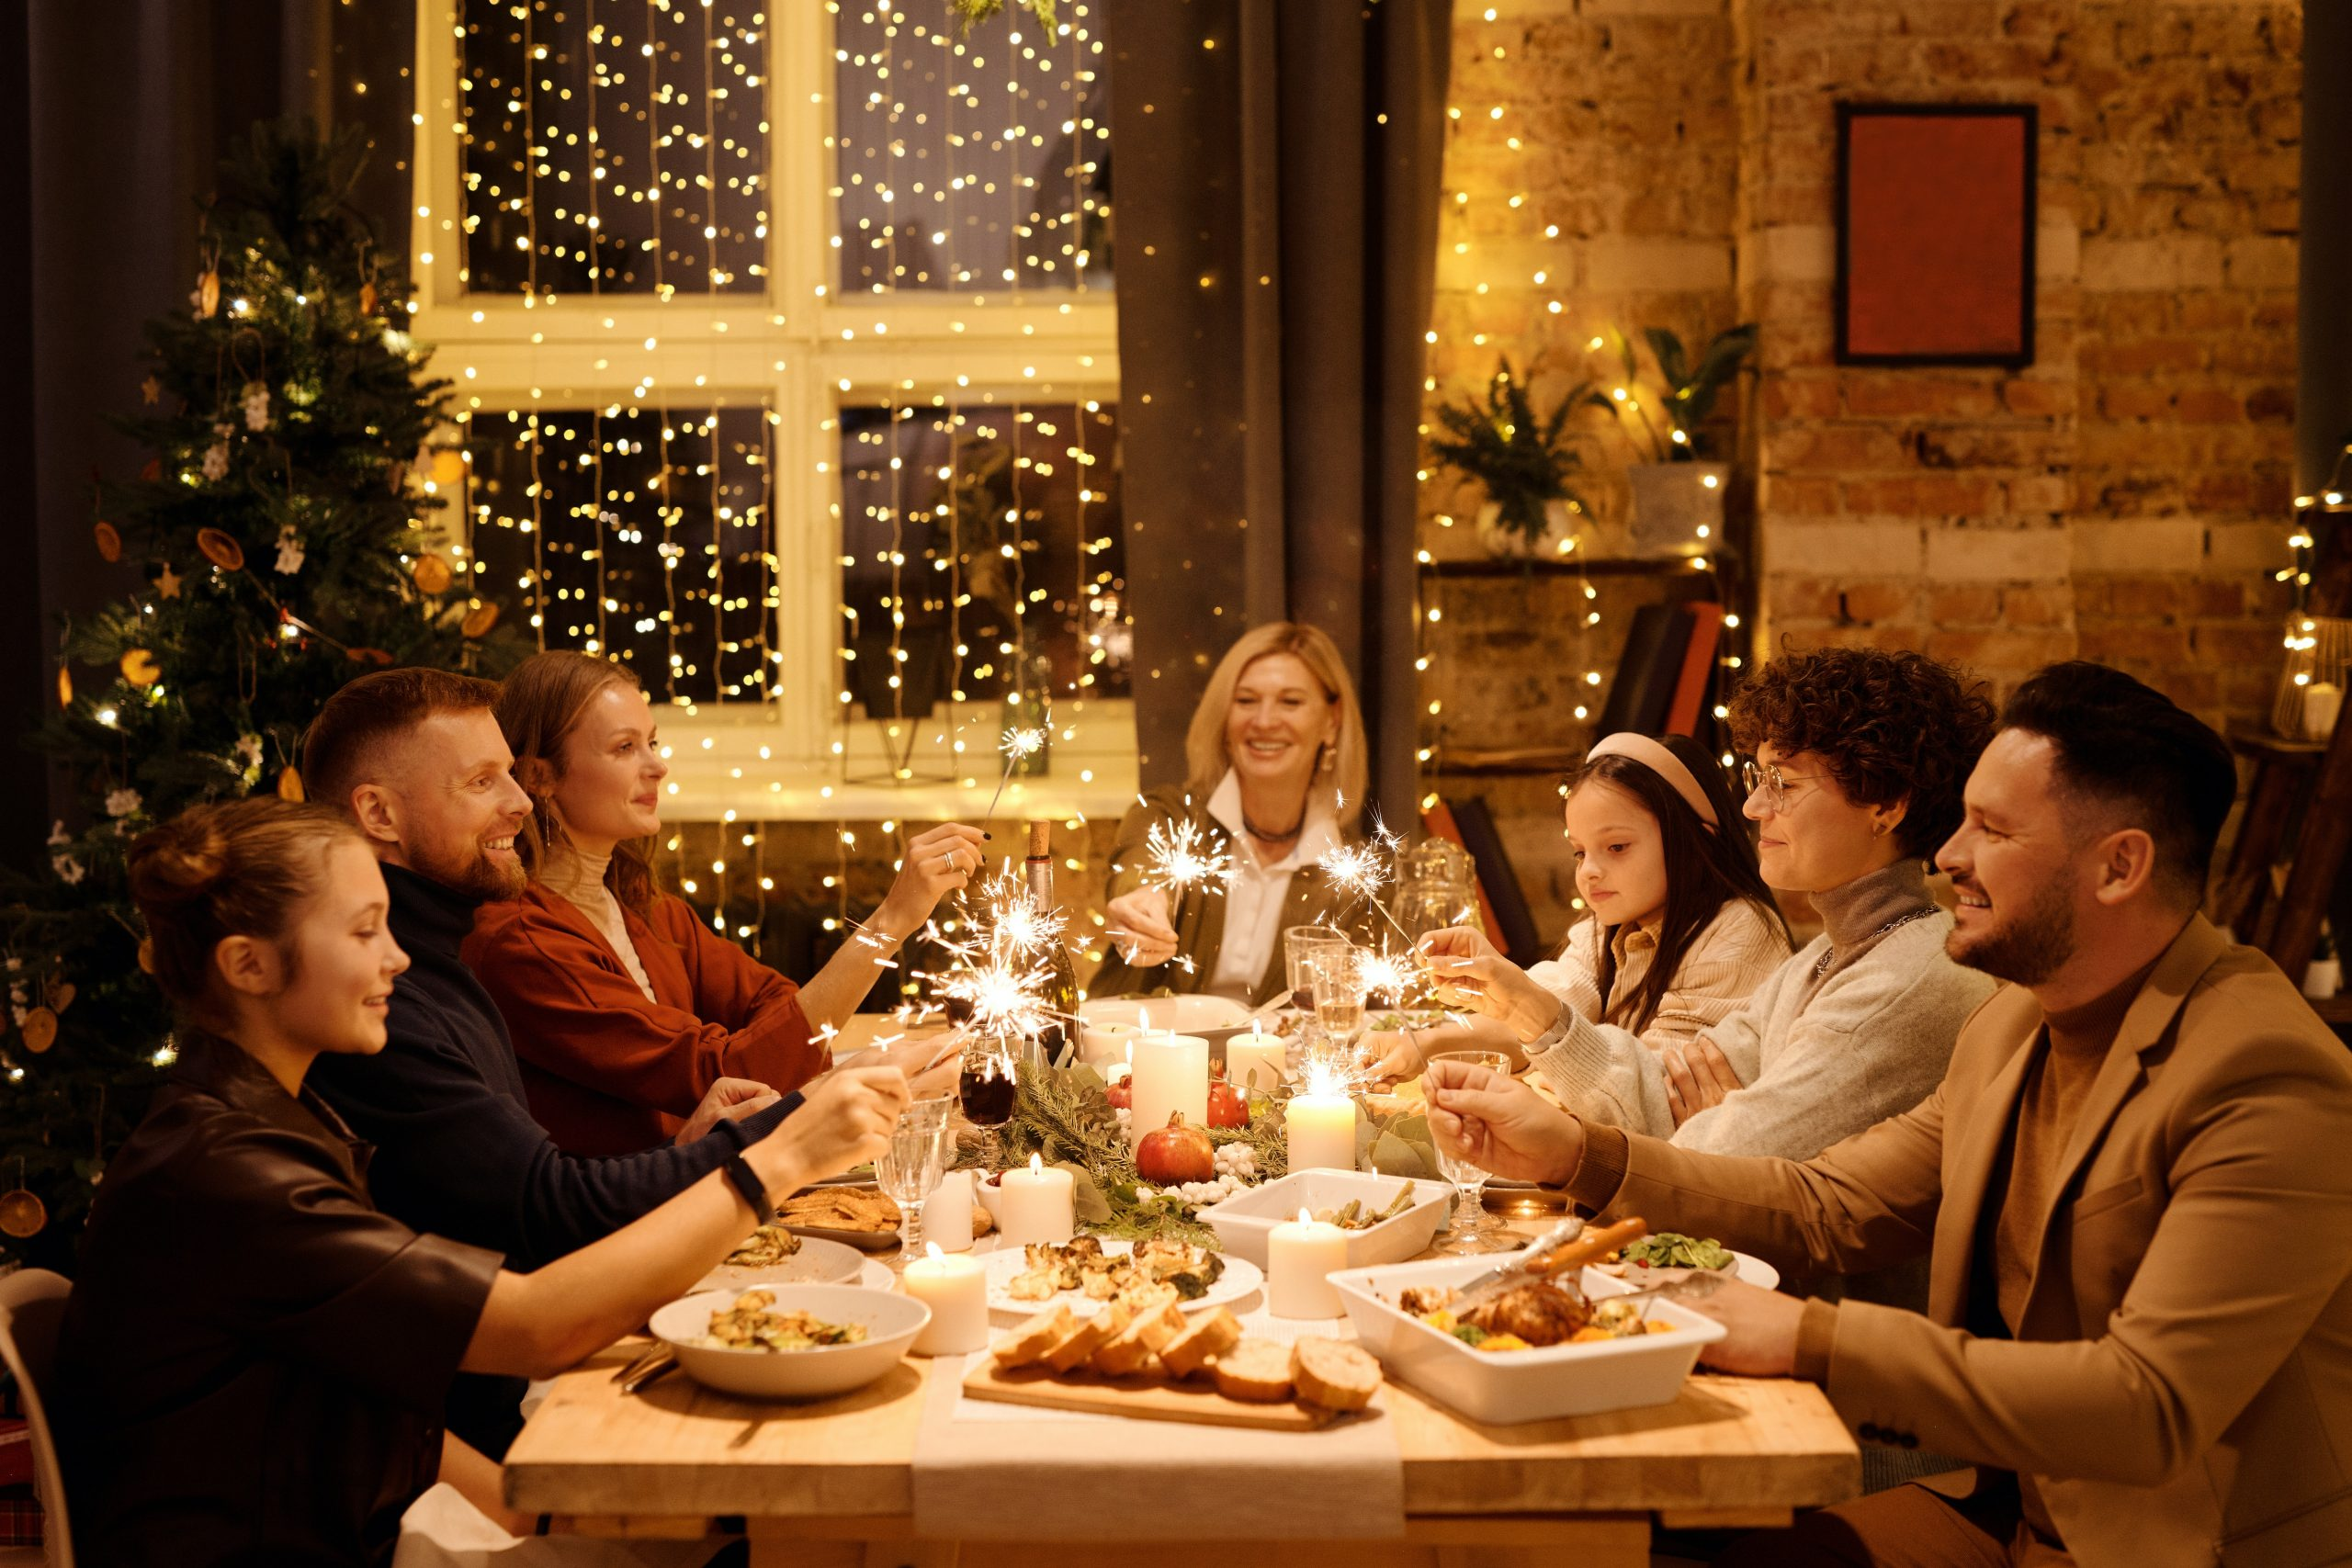 masa împreună în familie